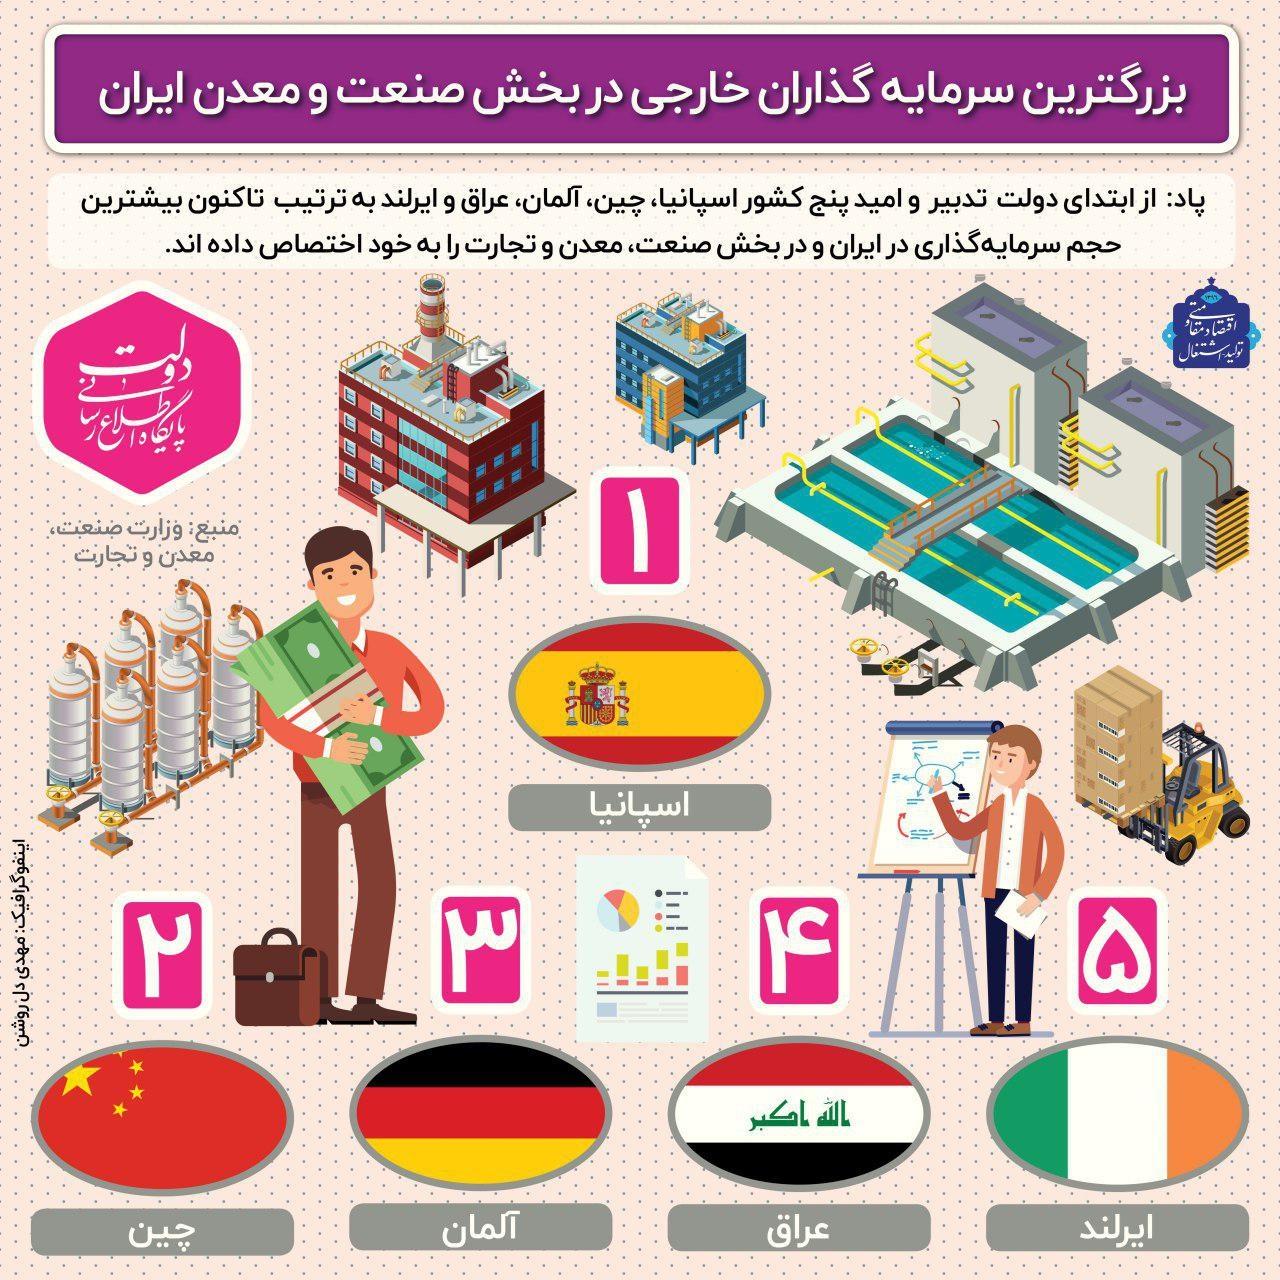 اینفوگرافیک   بزرگترین سرمایهگذاران خارجی در بخش صنعت و معدن ایران